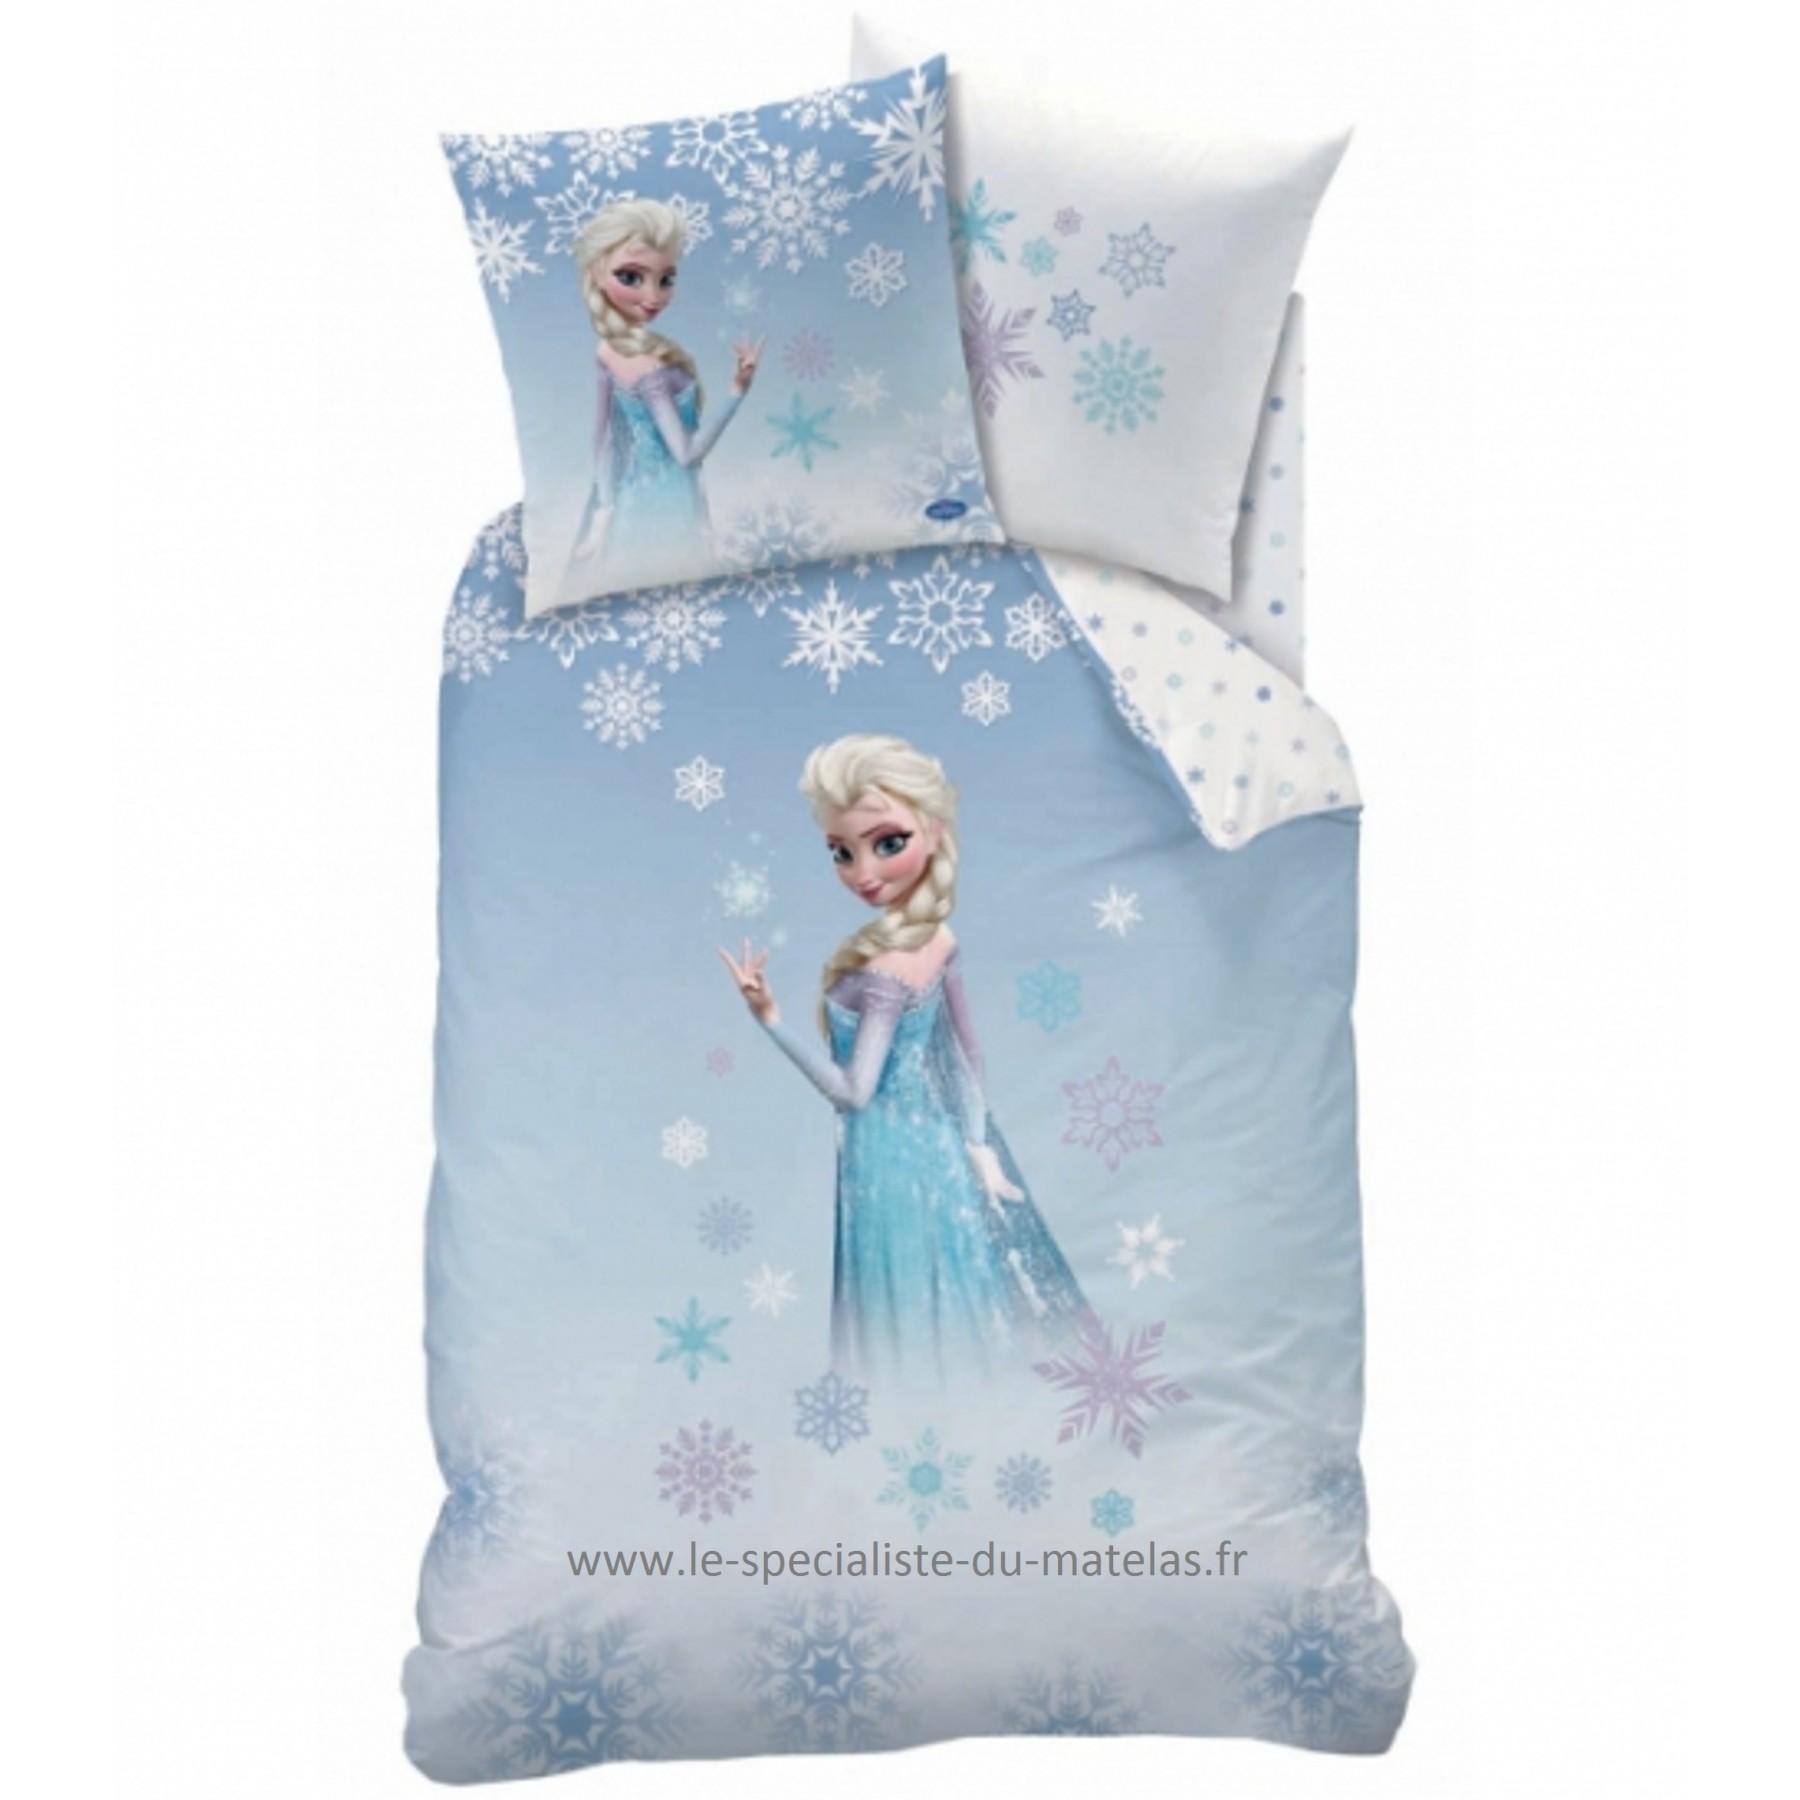 housse de couette reine des neiges le sp cialiste du matelas. Black Bedroom Furniture Sets. Home Design Ideas